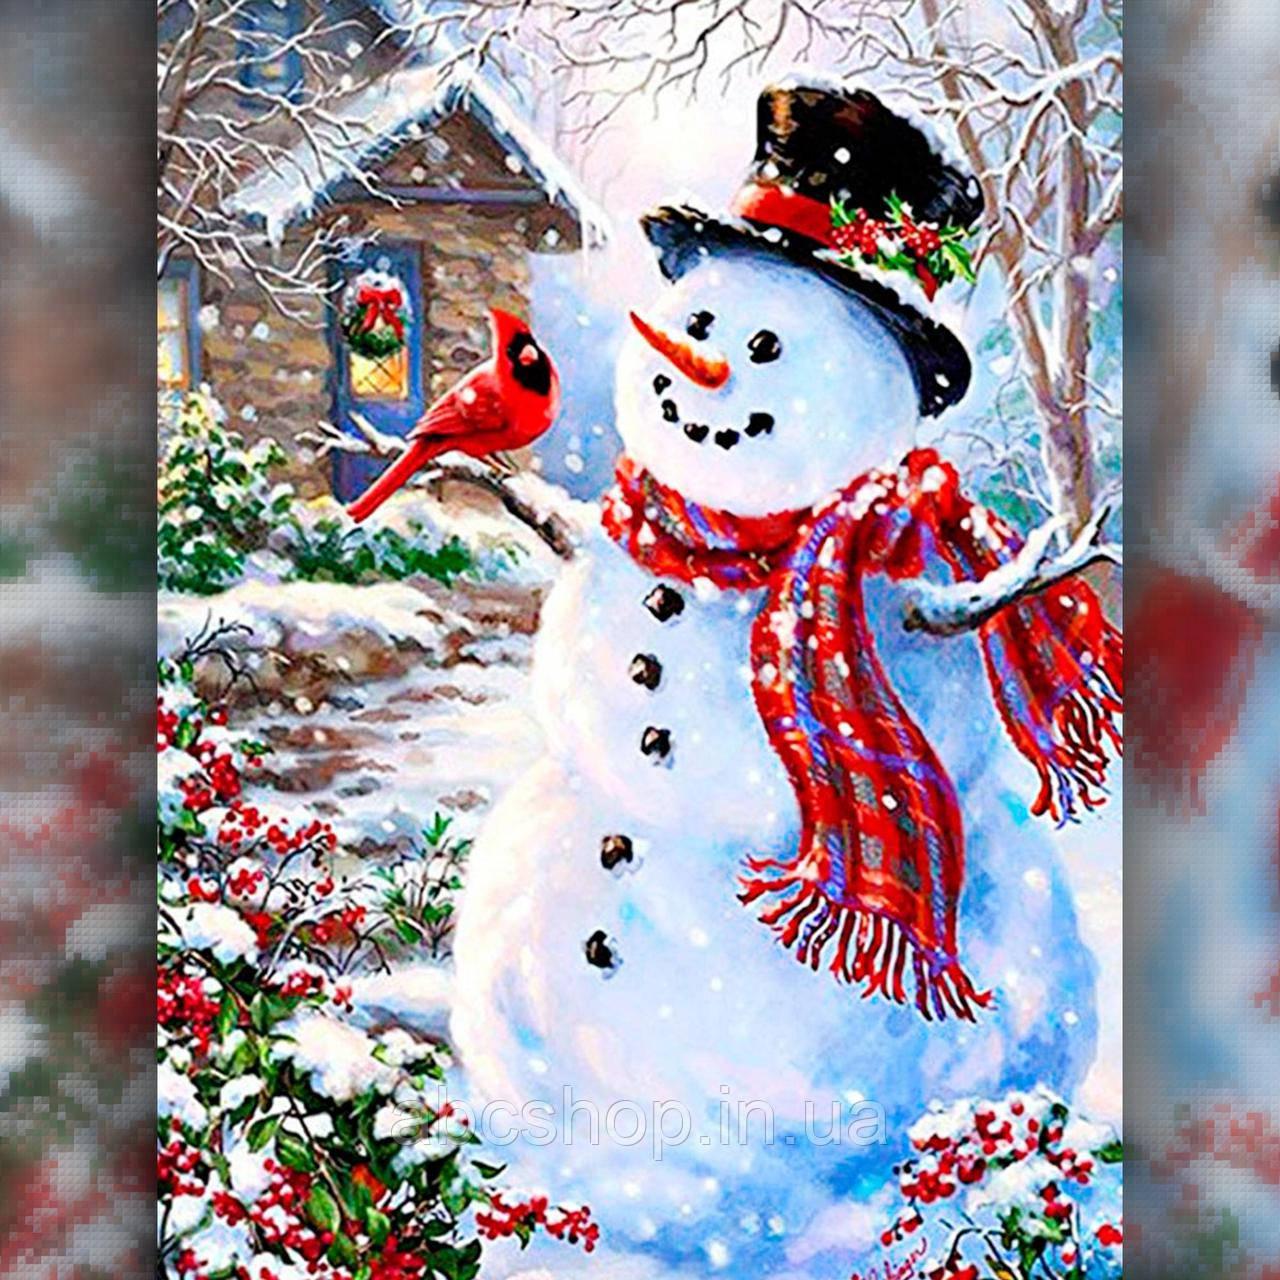 Алмазная вышивка Праздничный снеговик с птицей 40х50 The Wortex Diamonds (TWD70015)